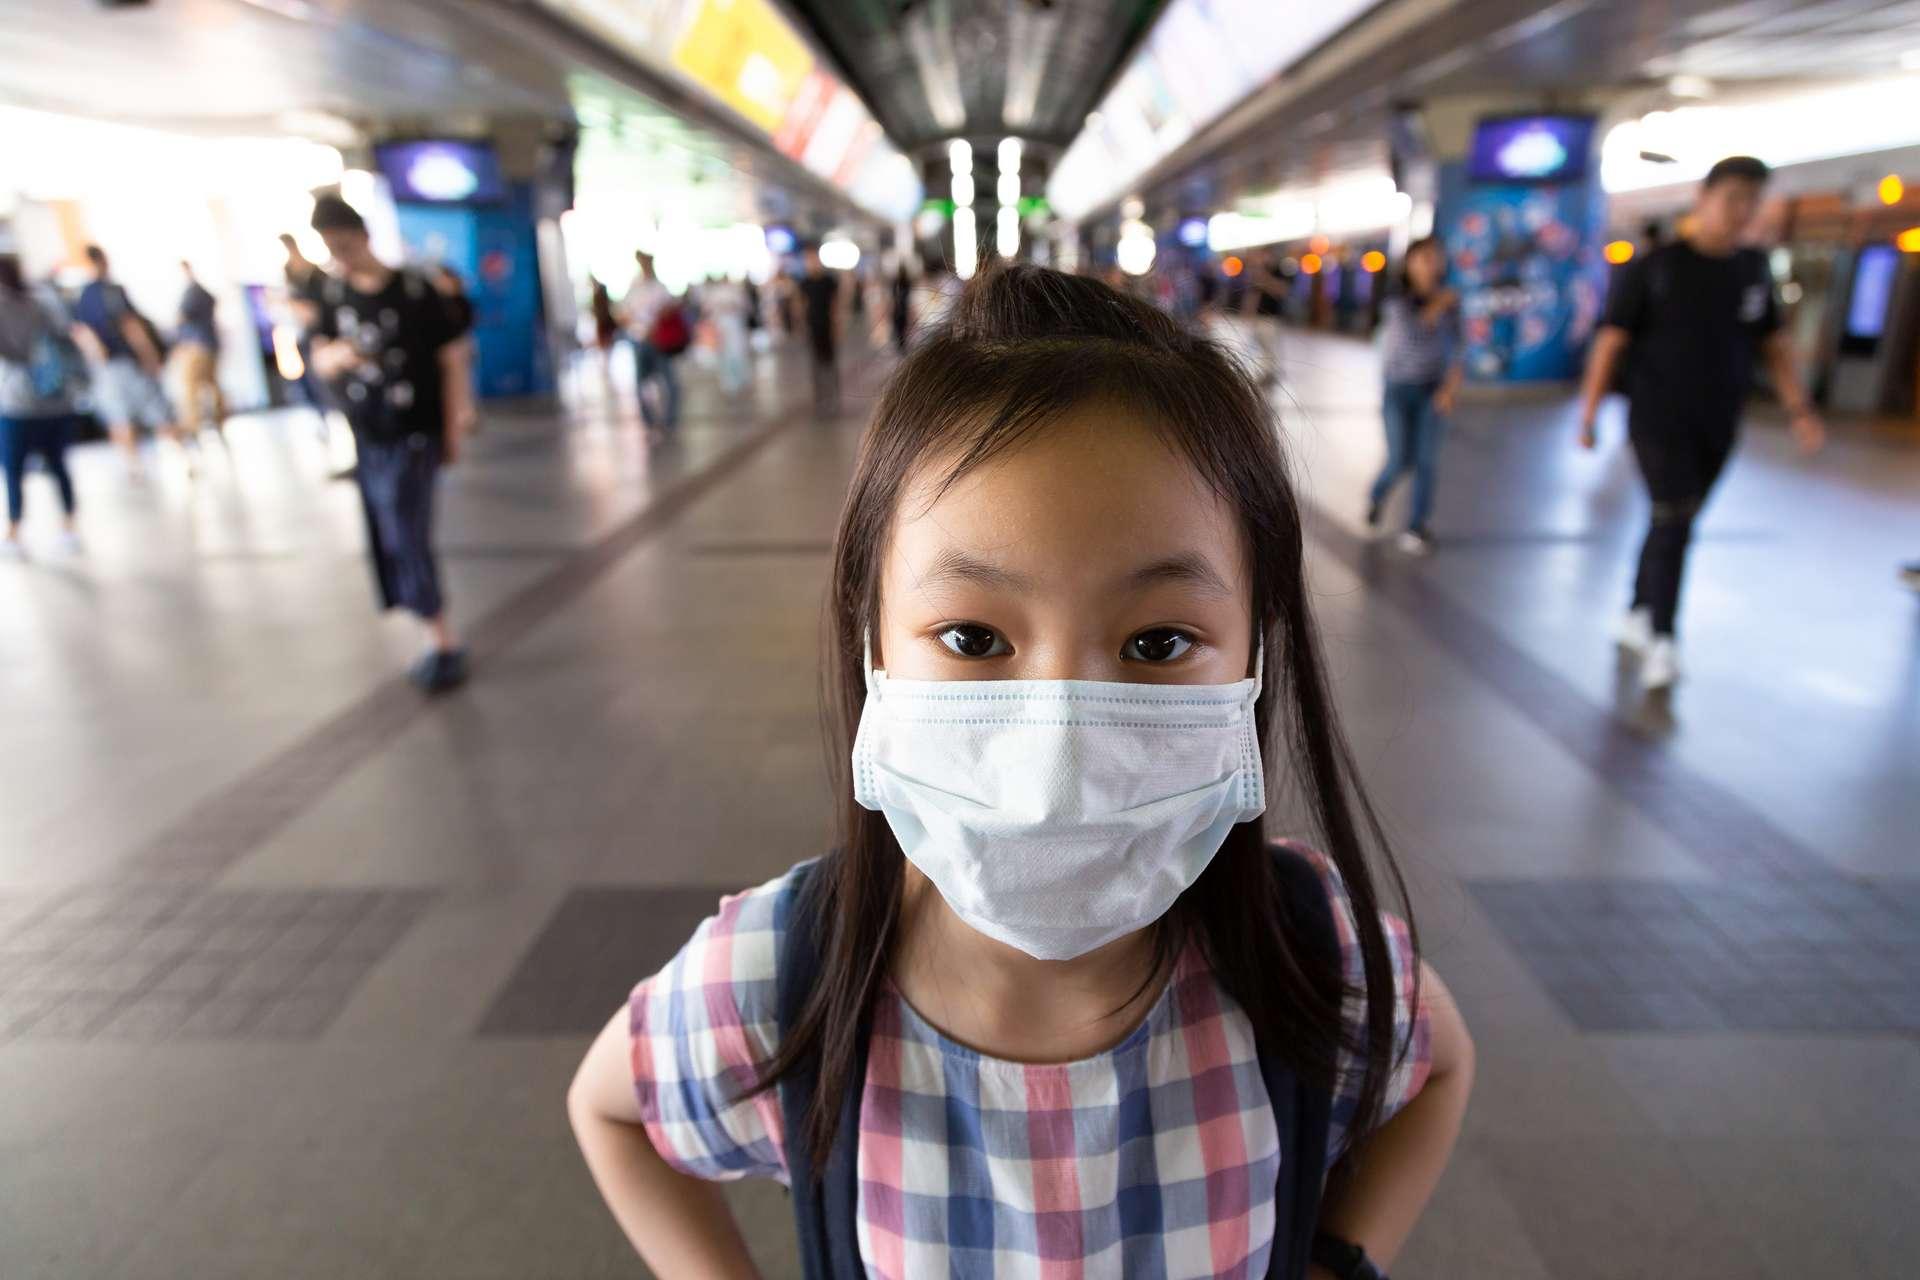 Le virus, dont le foyer semble provenir de Chine, pourrait être sorti d'Asie et s'être propagé en Australie. © Satjawat, Adobe Stock